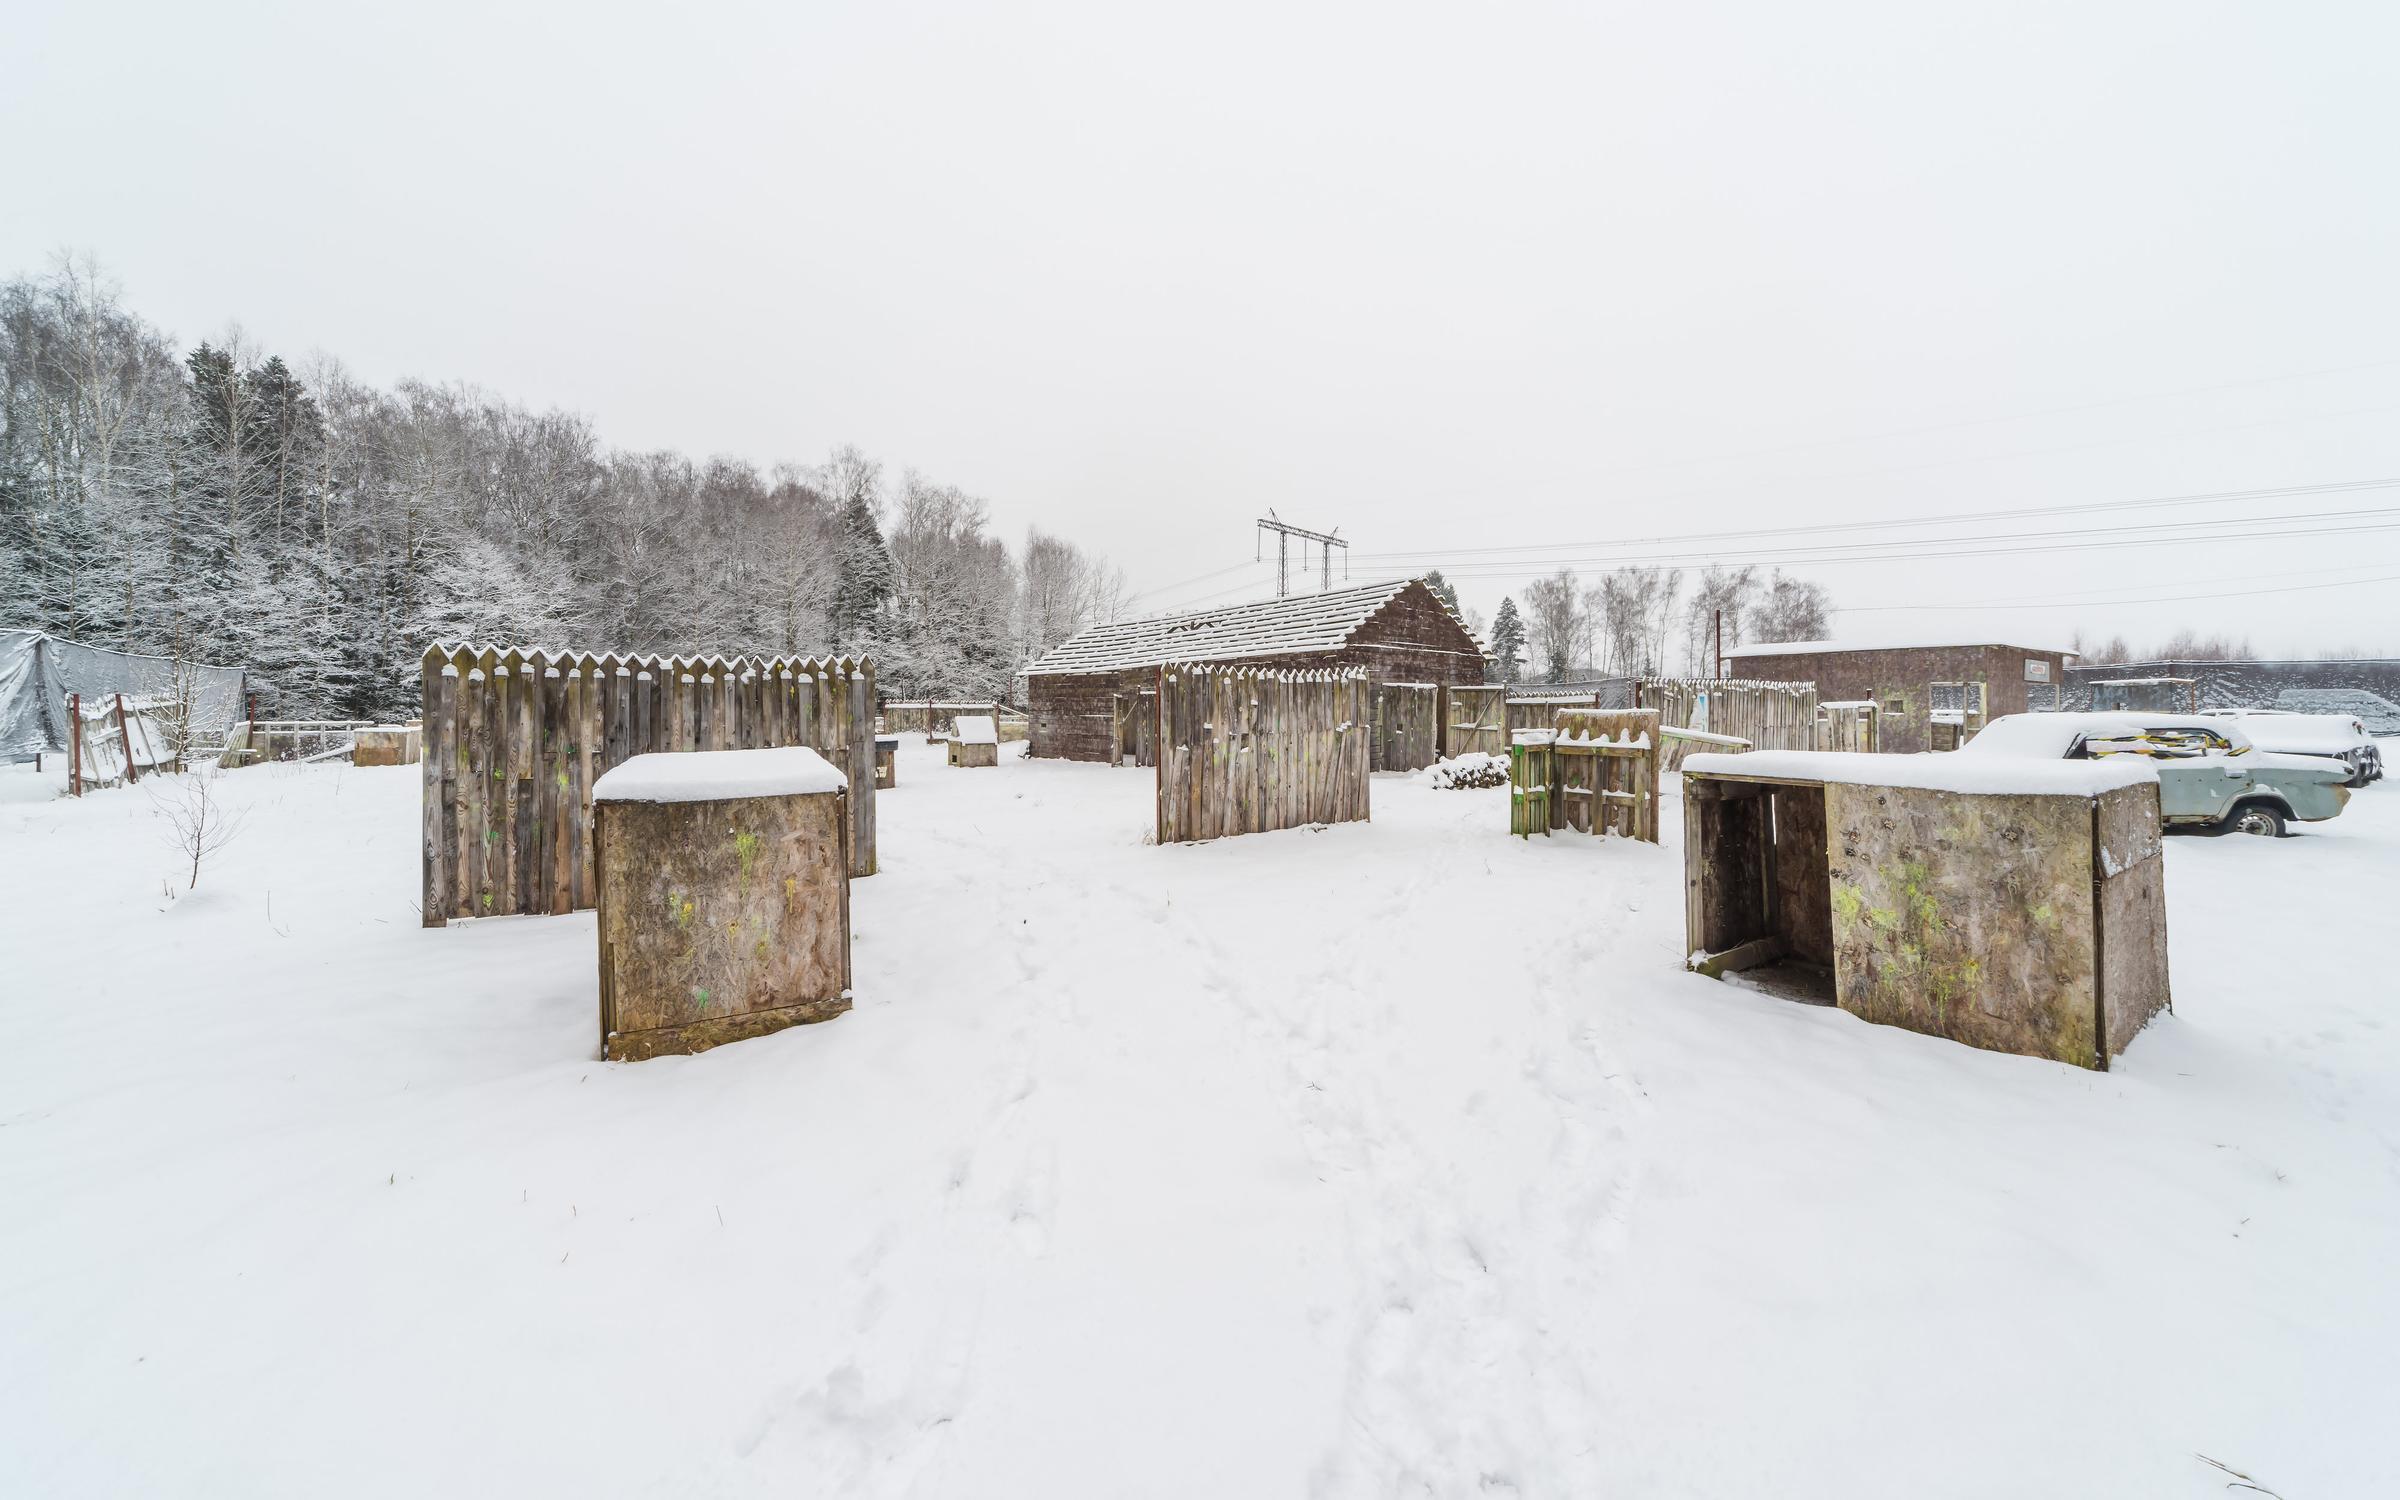 фотография Пейнтбольного клуба Пейнтленд база Альфа-Север в Юрьево